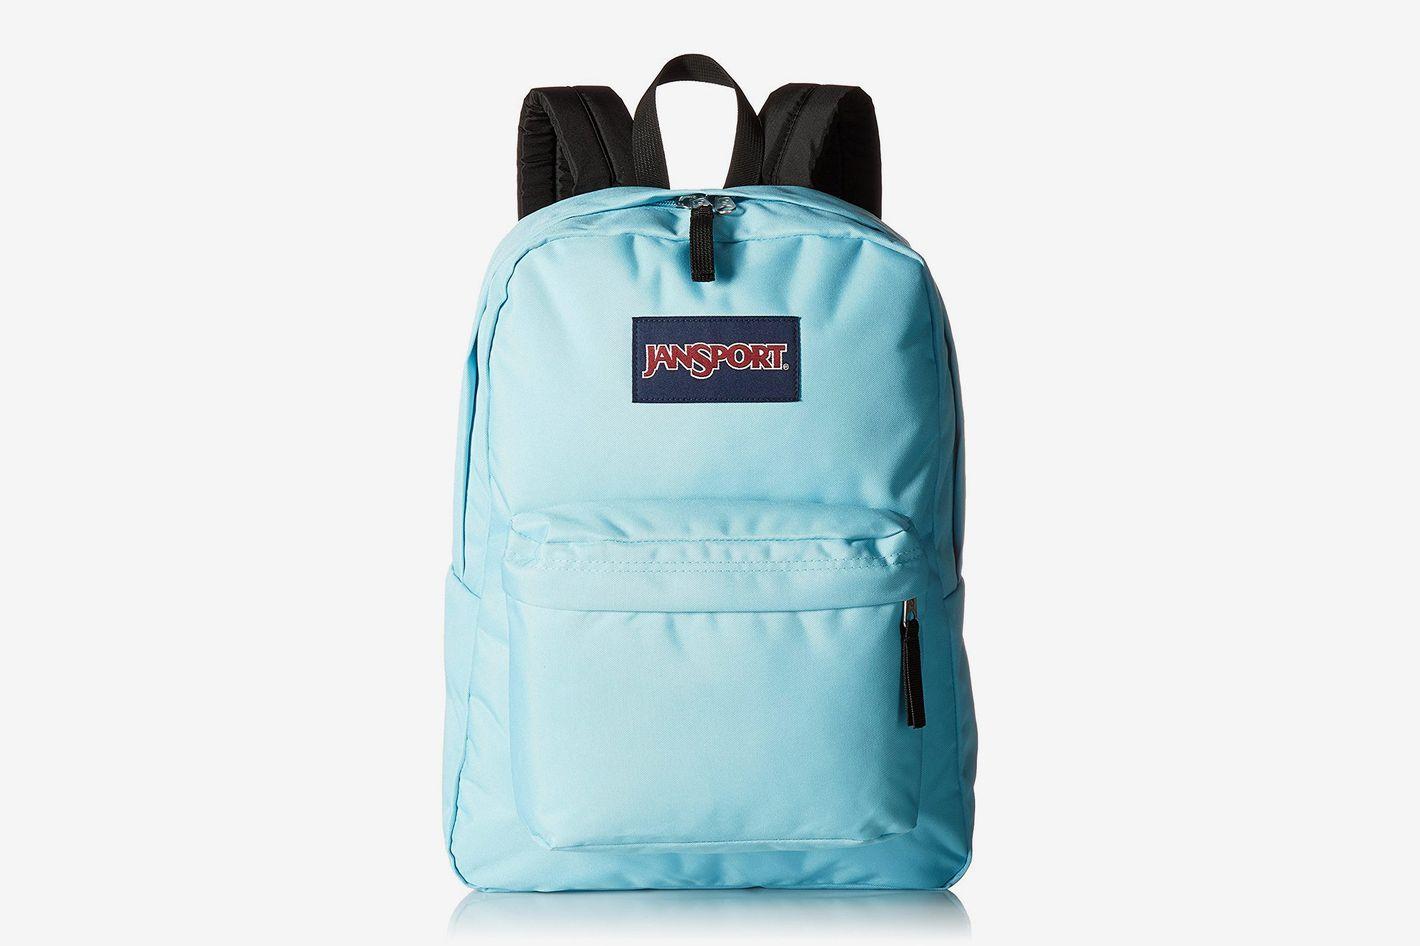 18 Best Backpacks For Girls 2018